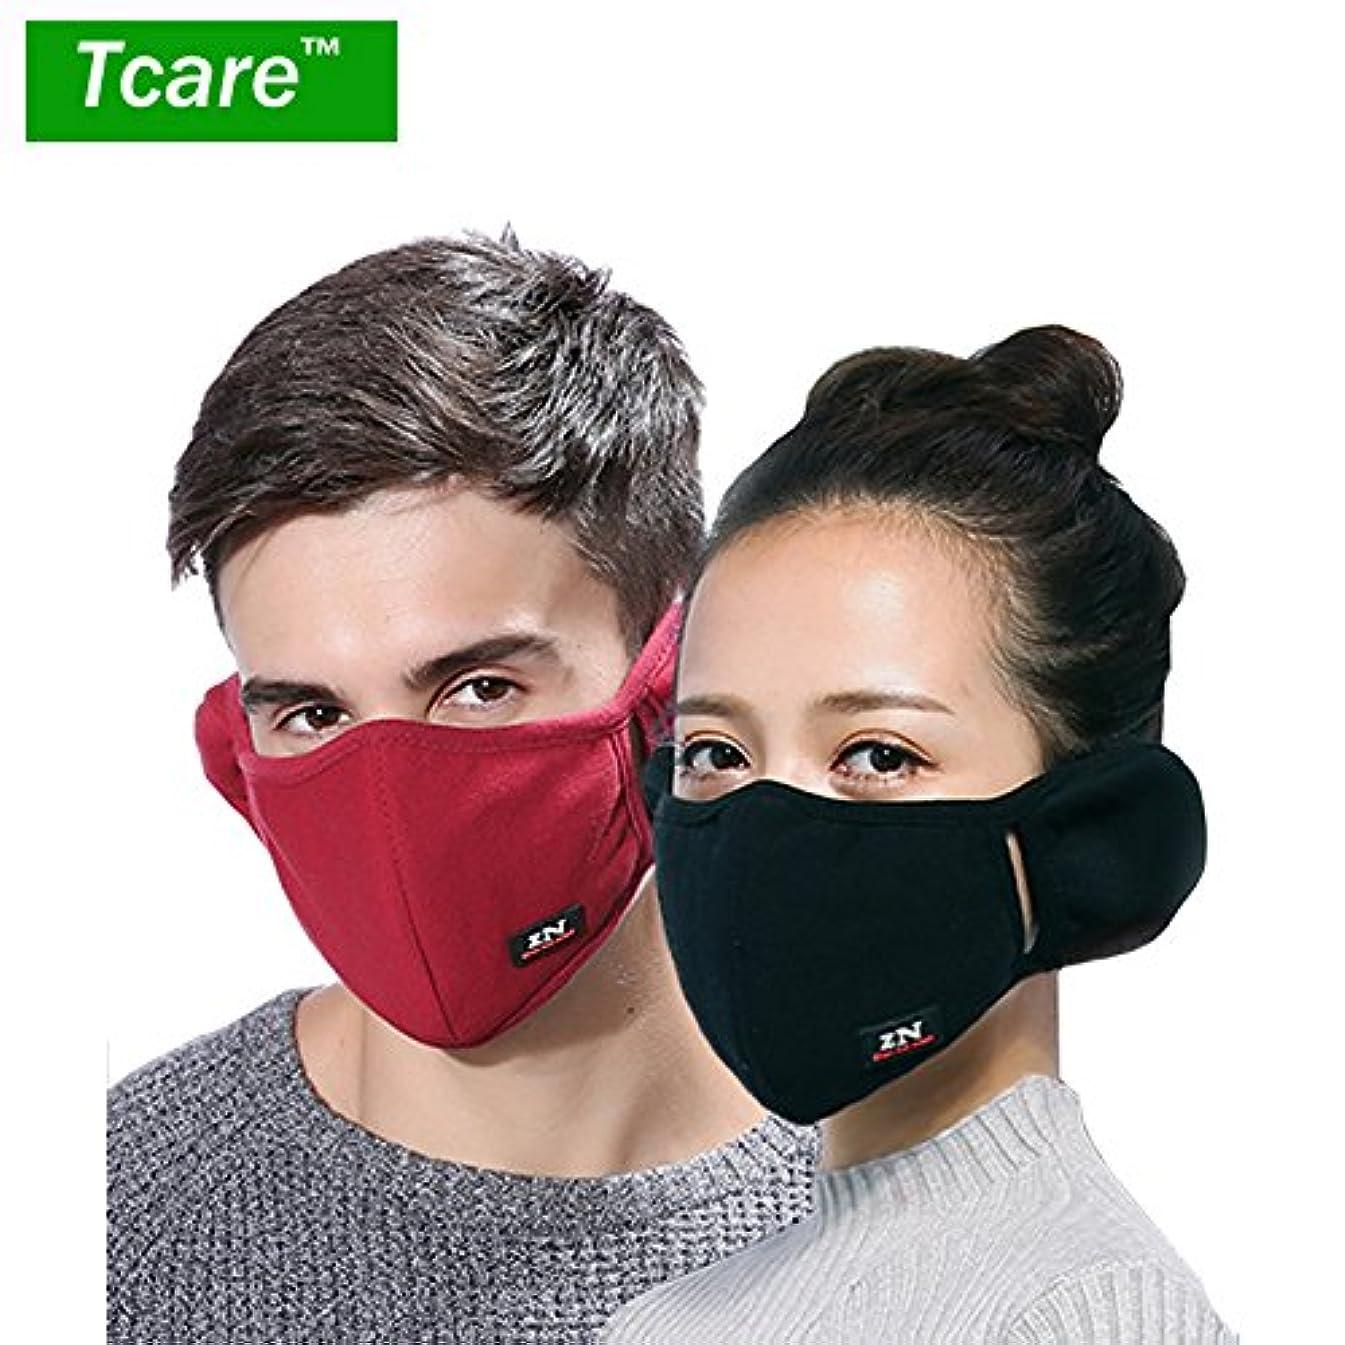 卒業共和国正確な男性女性の少年少女のためのTcare呼吸器2レイヤピュアコットン保護フィルター挿入口:4ローズレッド